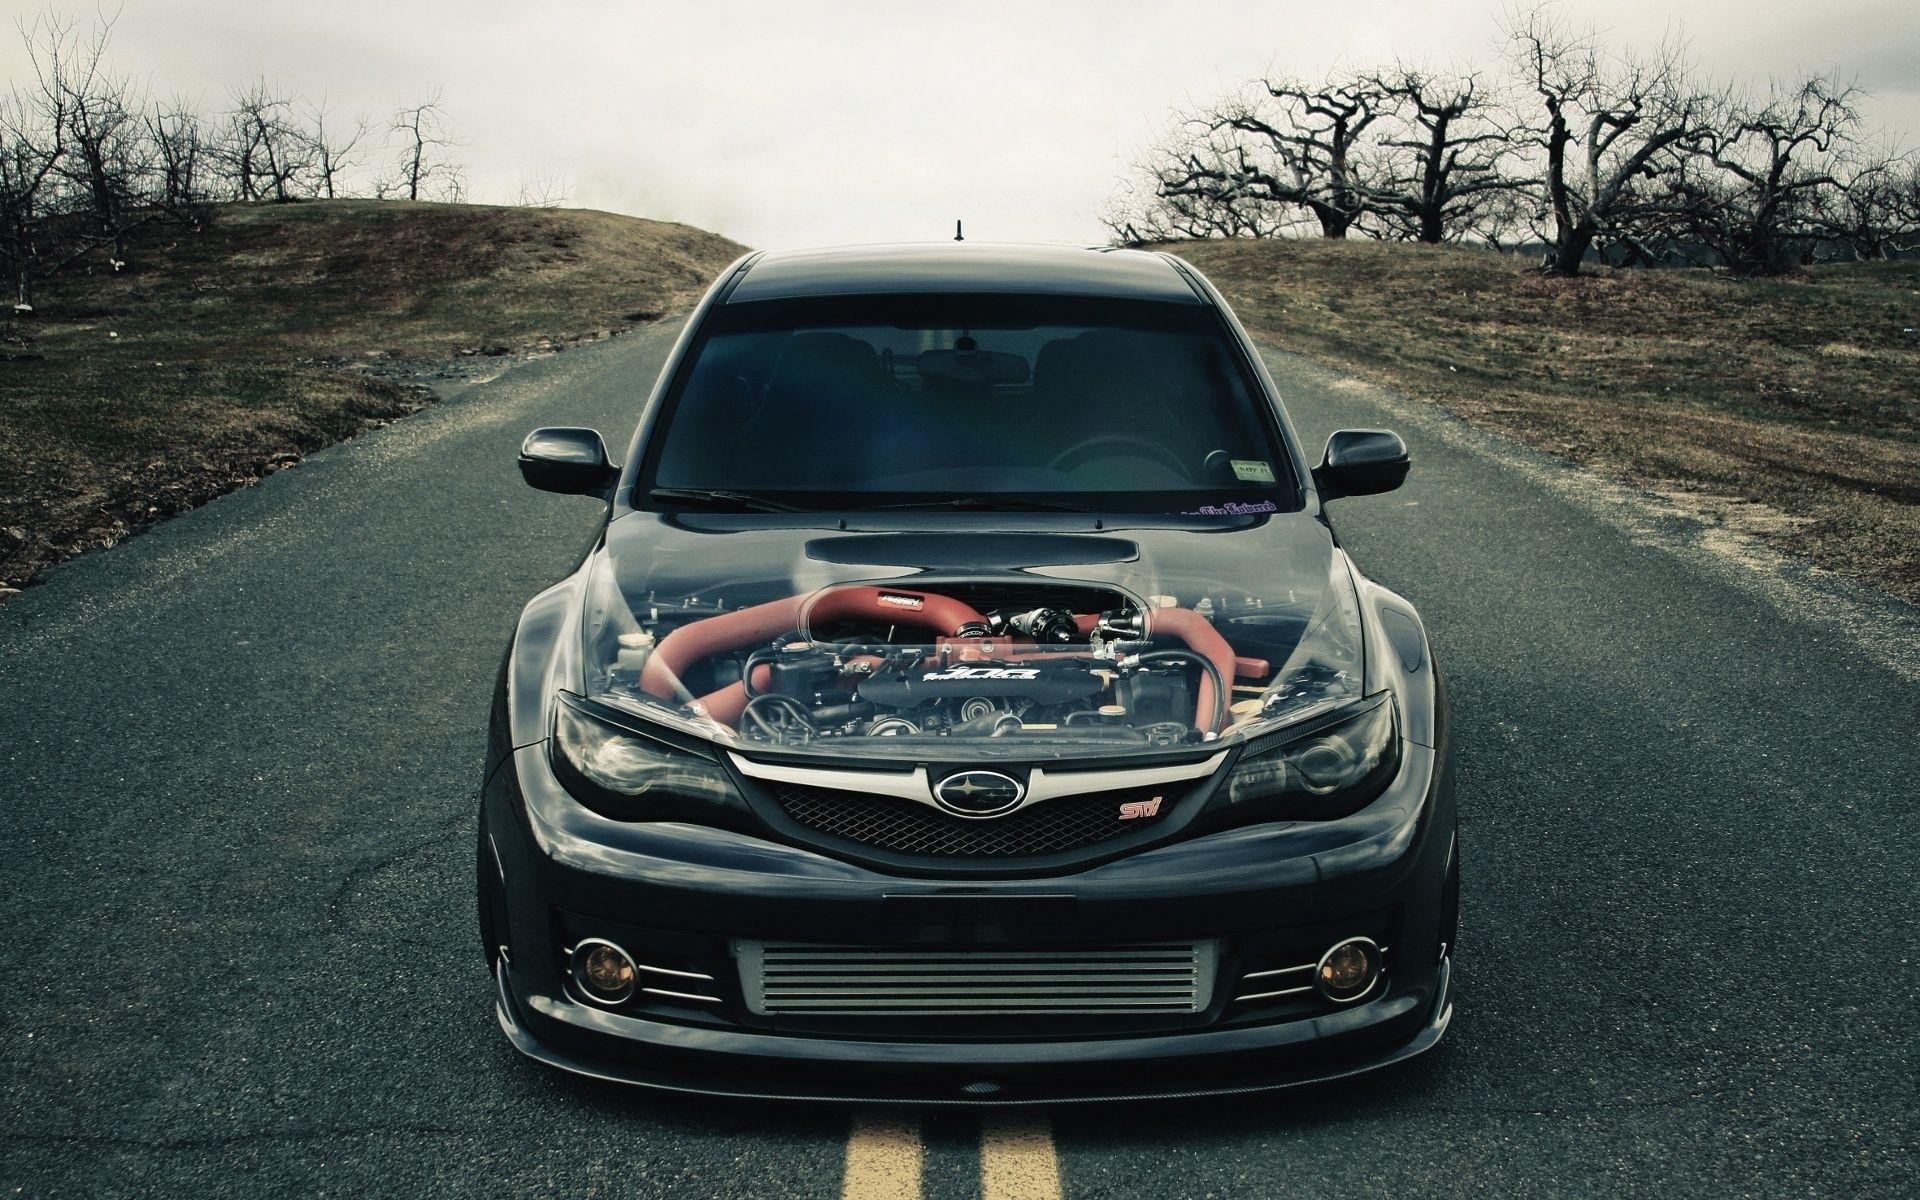 Subaru impreza wrx sti subaru cars photos cars tuning android subaru impreza wrx sti subaru cars photos cars tuning android wallpapers for free altavistaventures Gallery